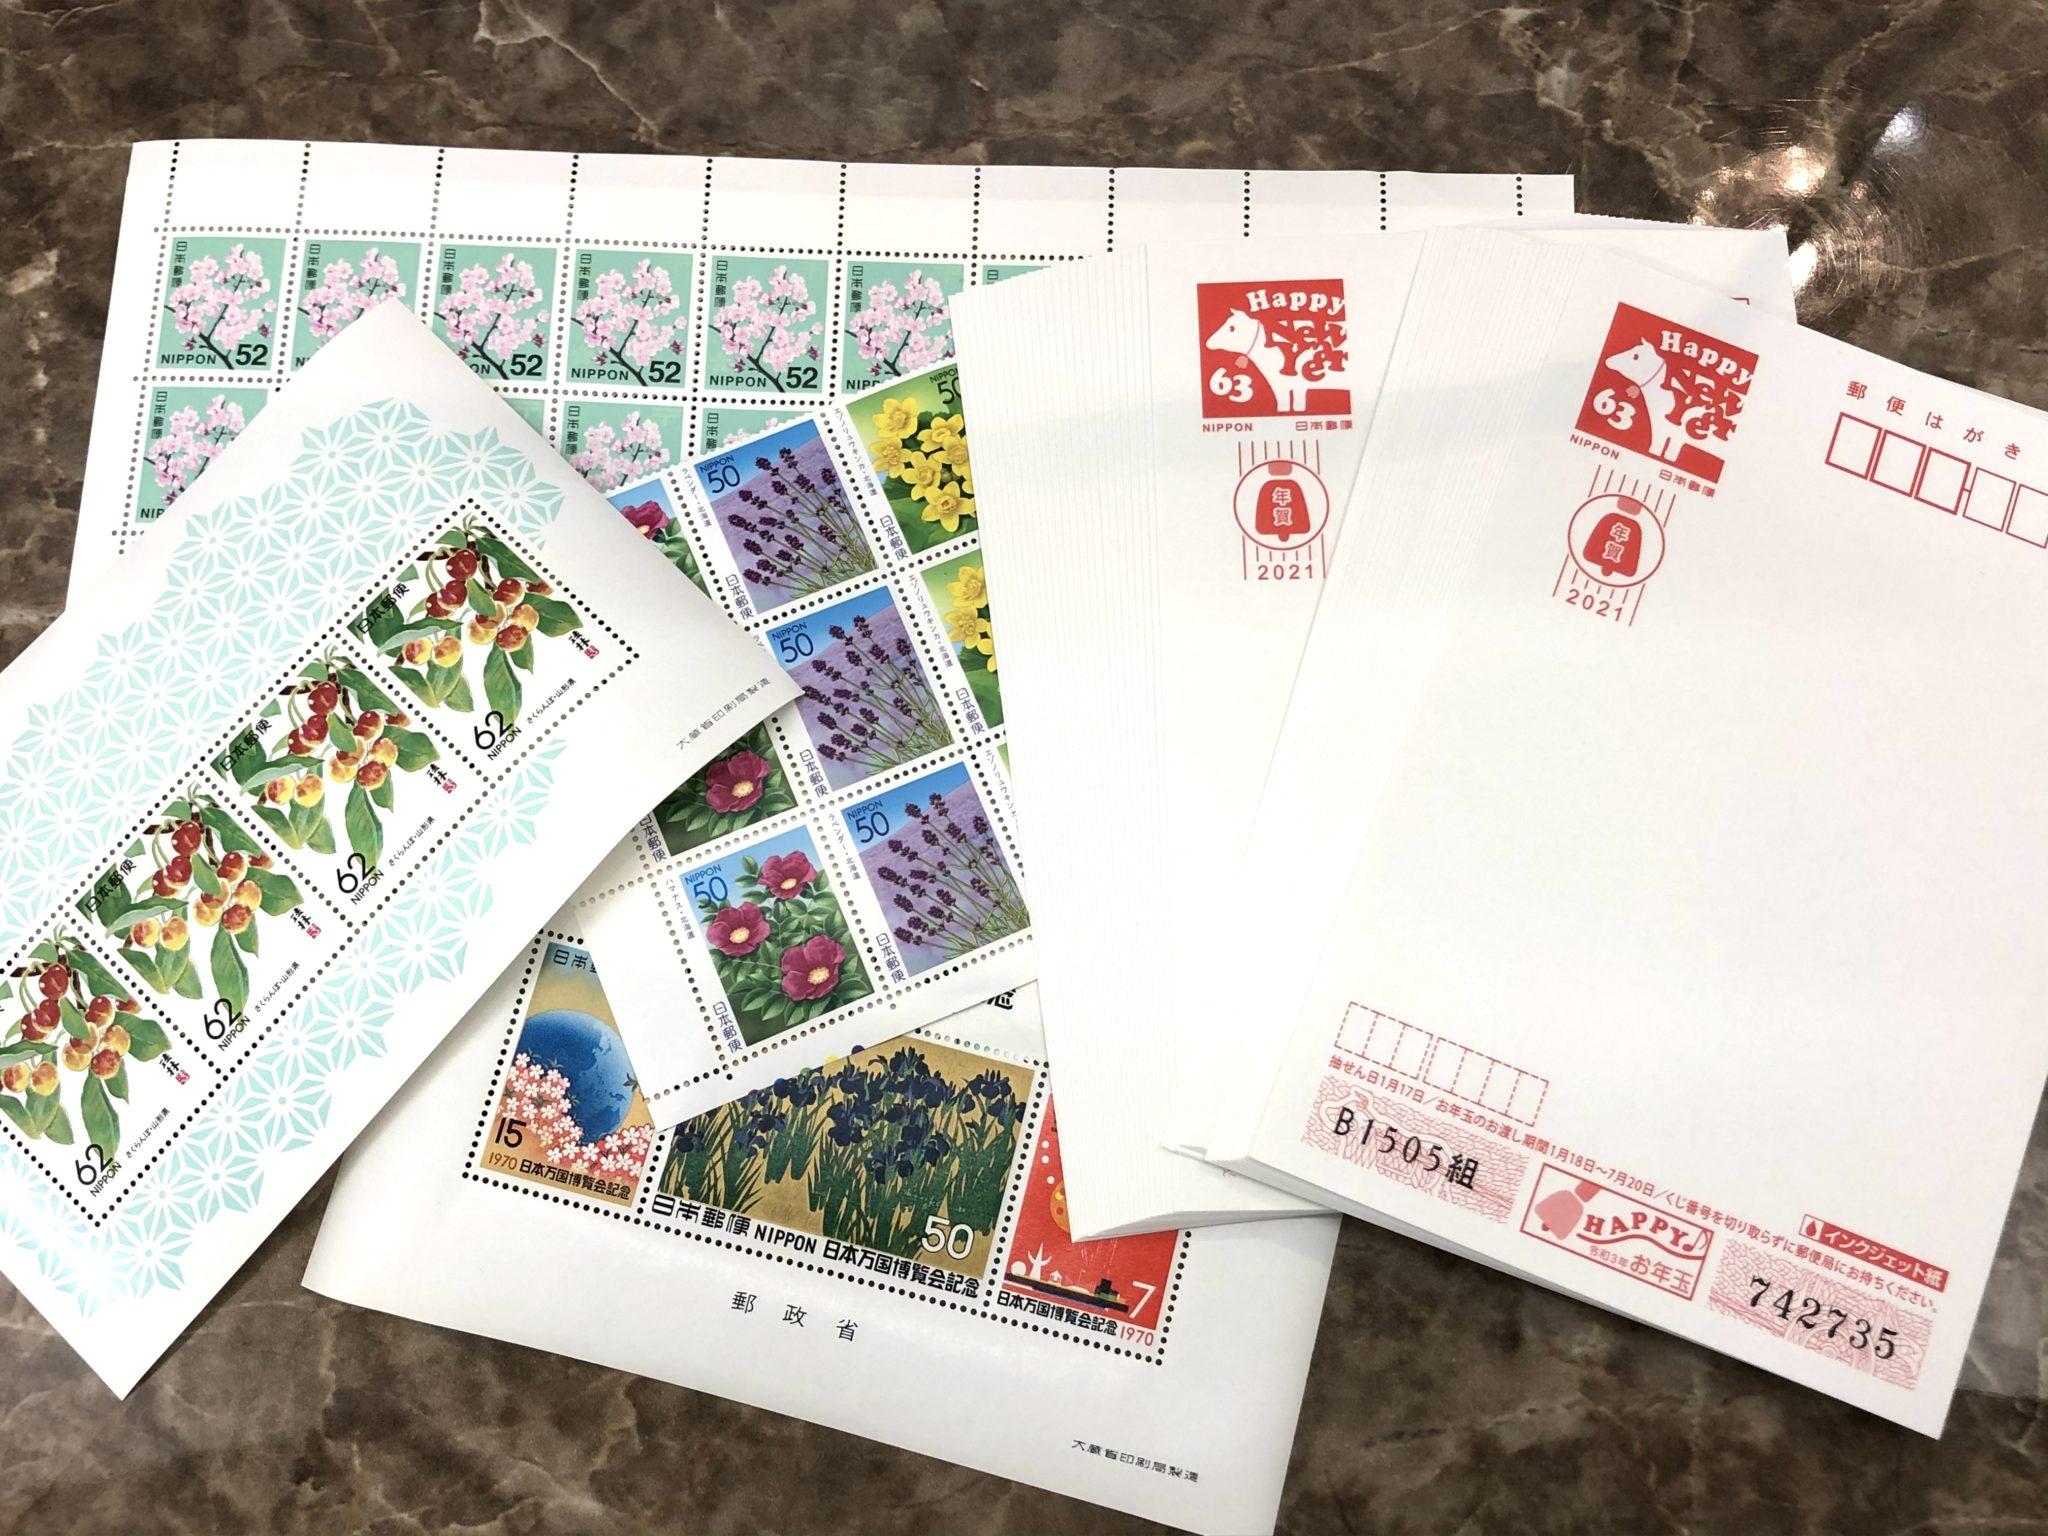 【はがき 切手 買取 盛岡】はがき・切手のお買取はかんてい局盛岡店へお持ちください!